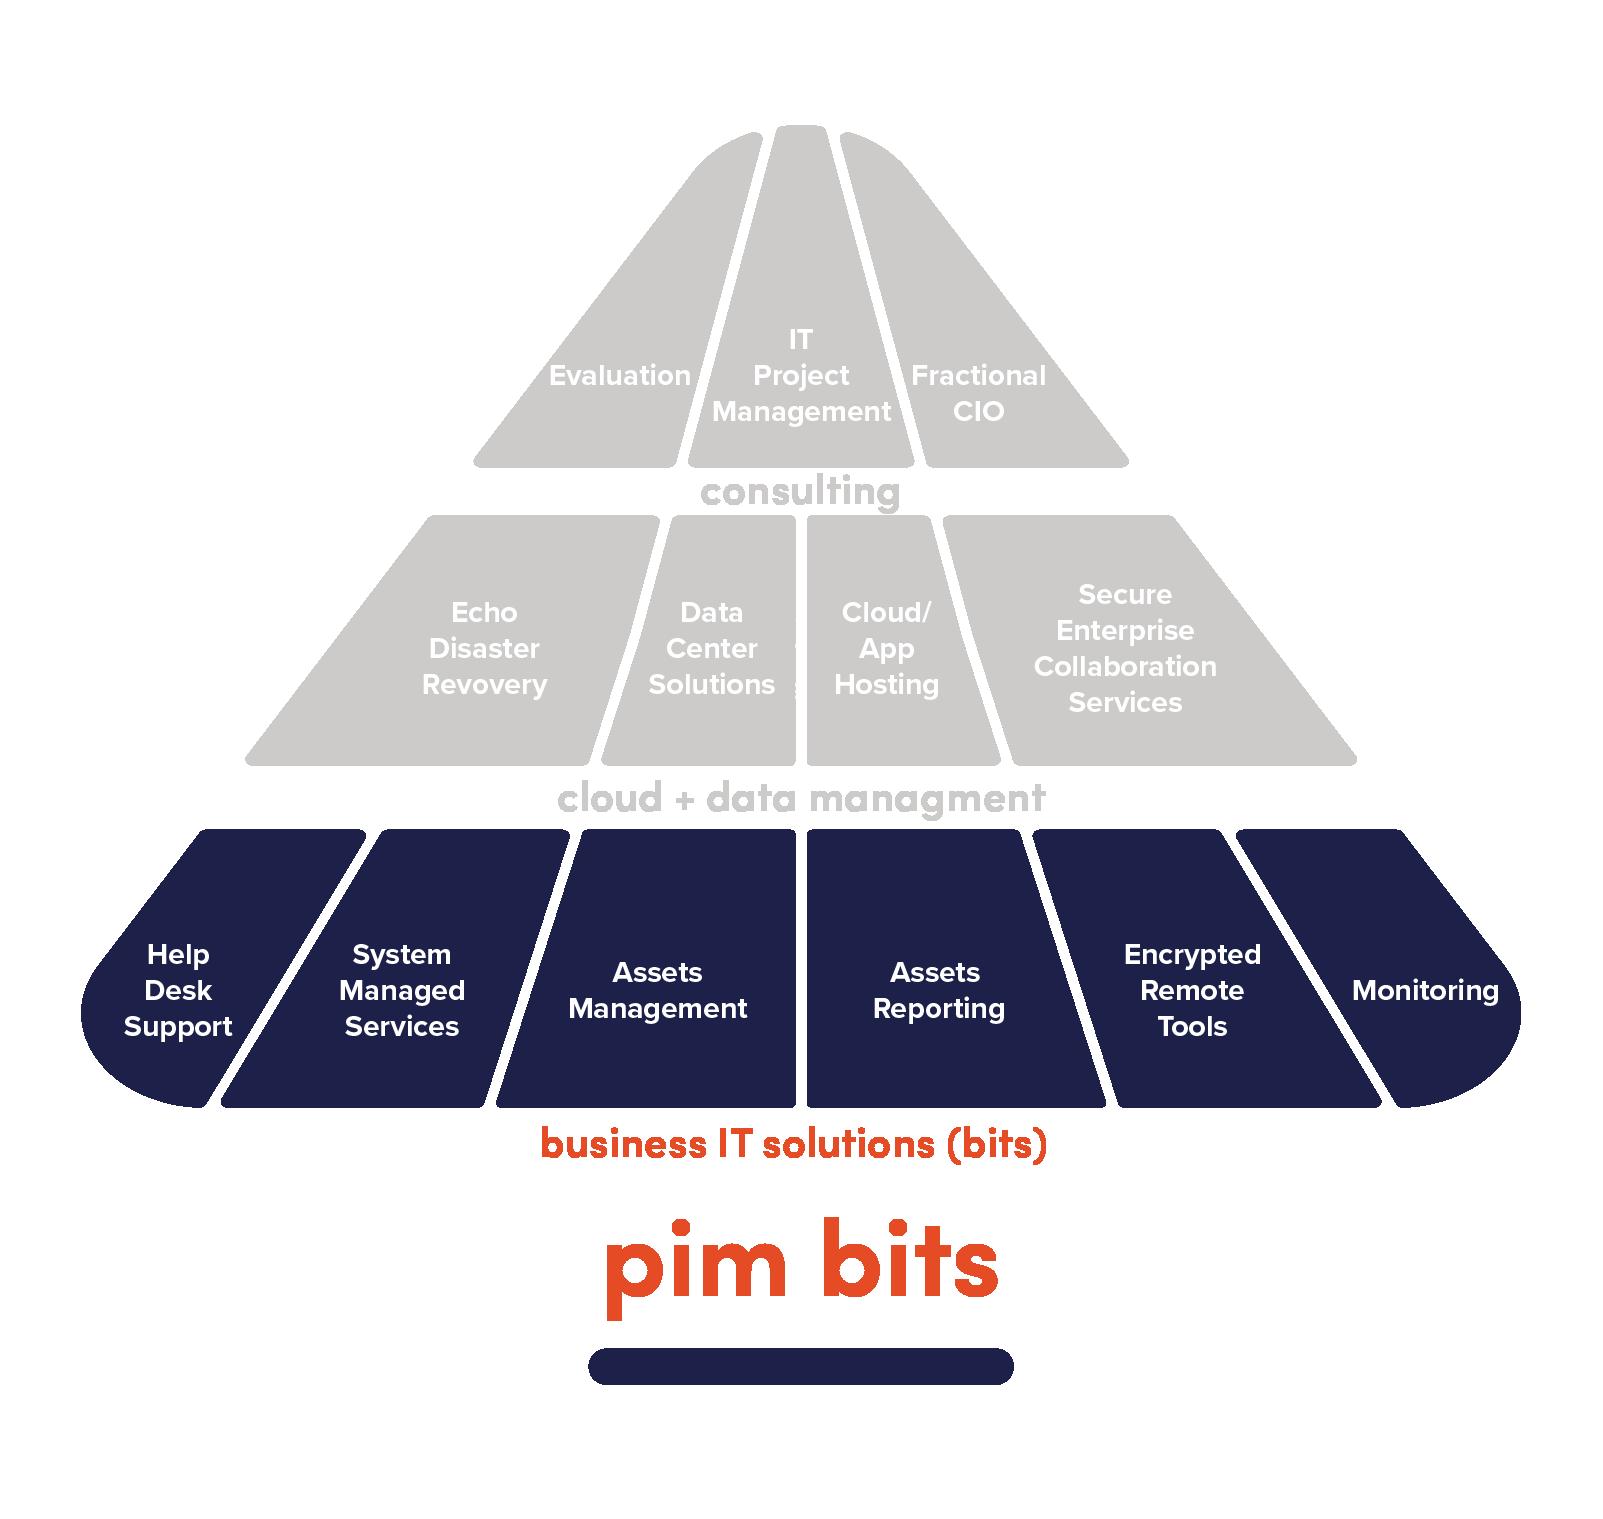 pyramid-06-1